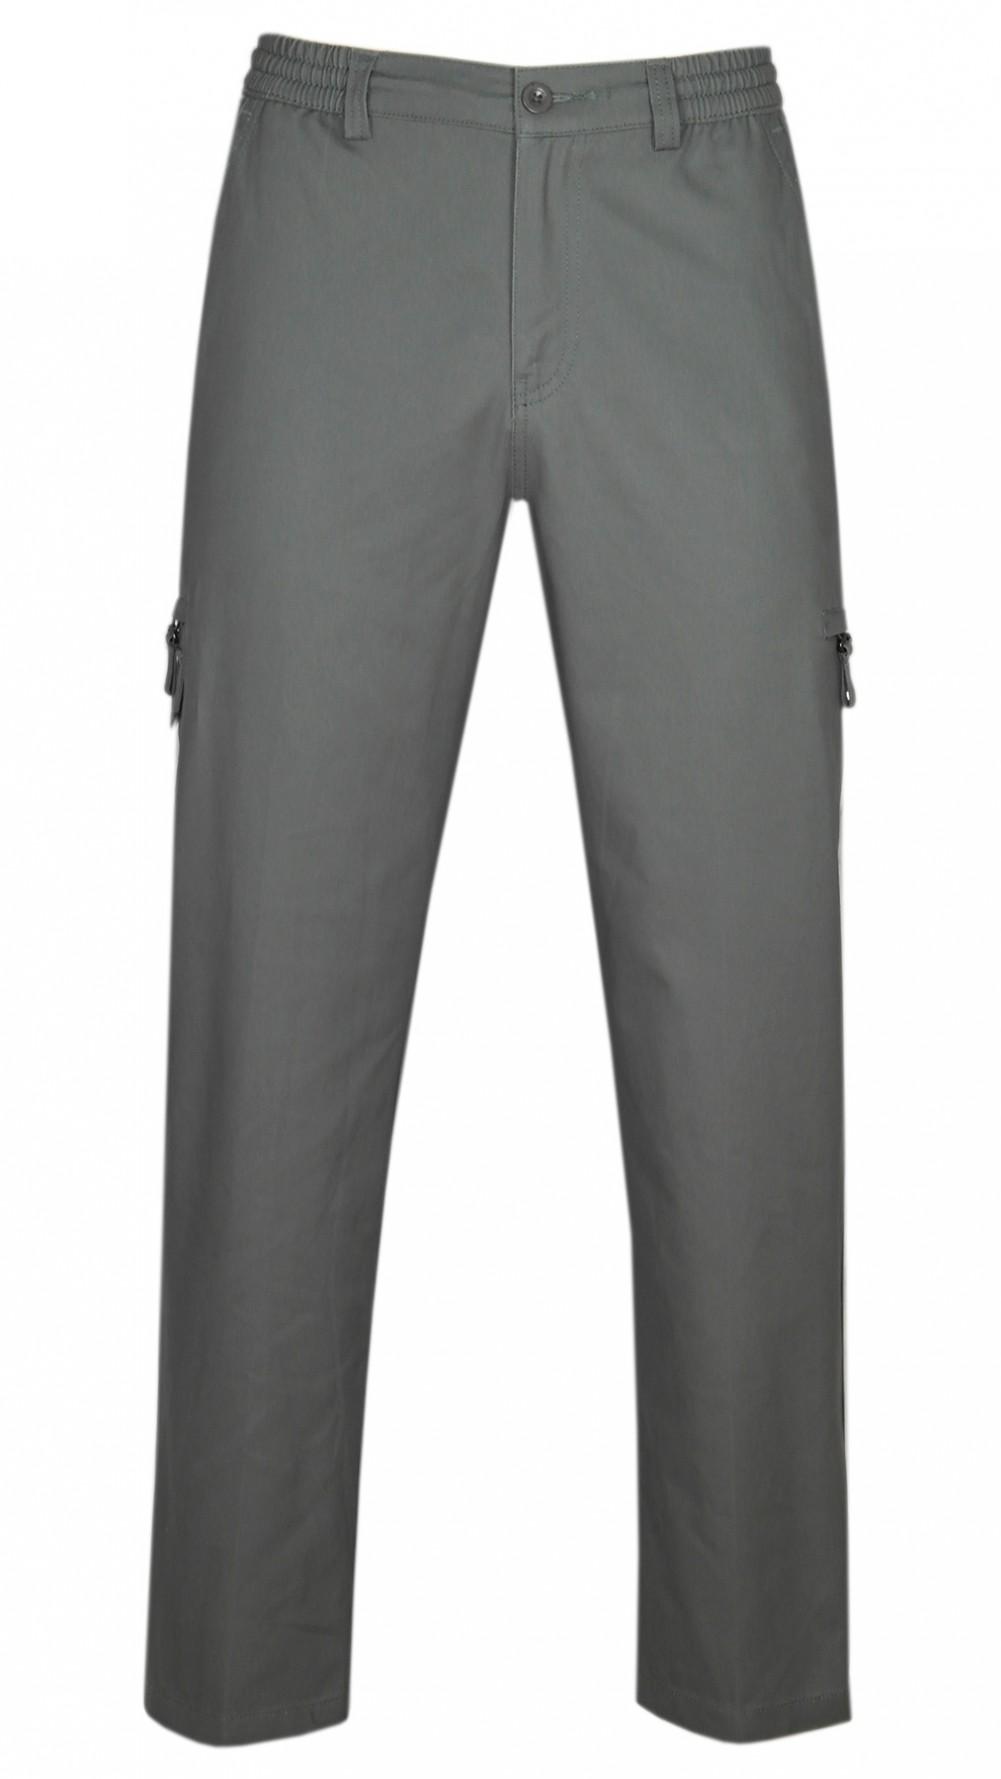 Dehnbund Hose Herren 100% Baumwolle - Dark Khaki